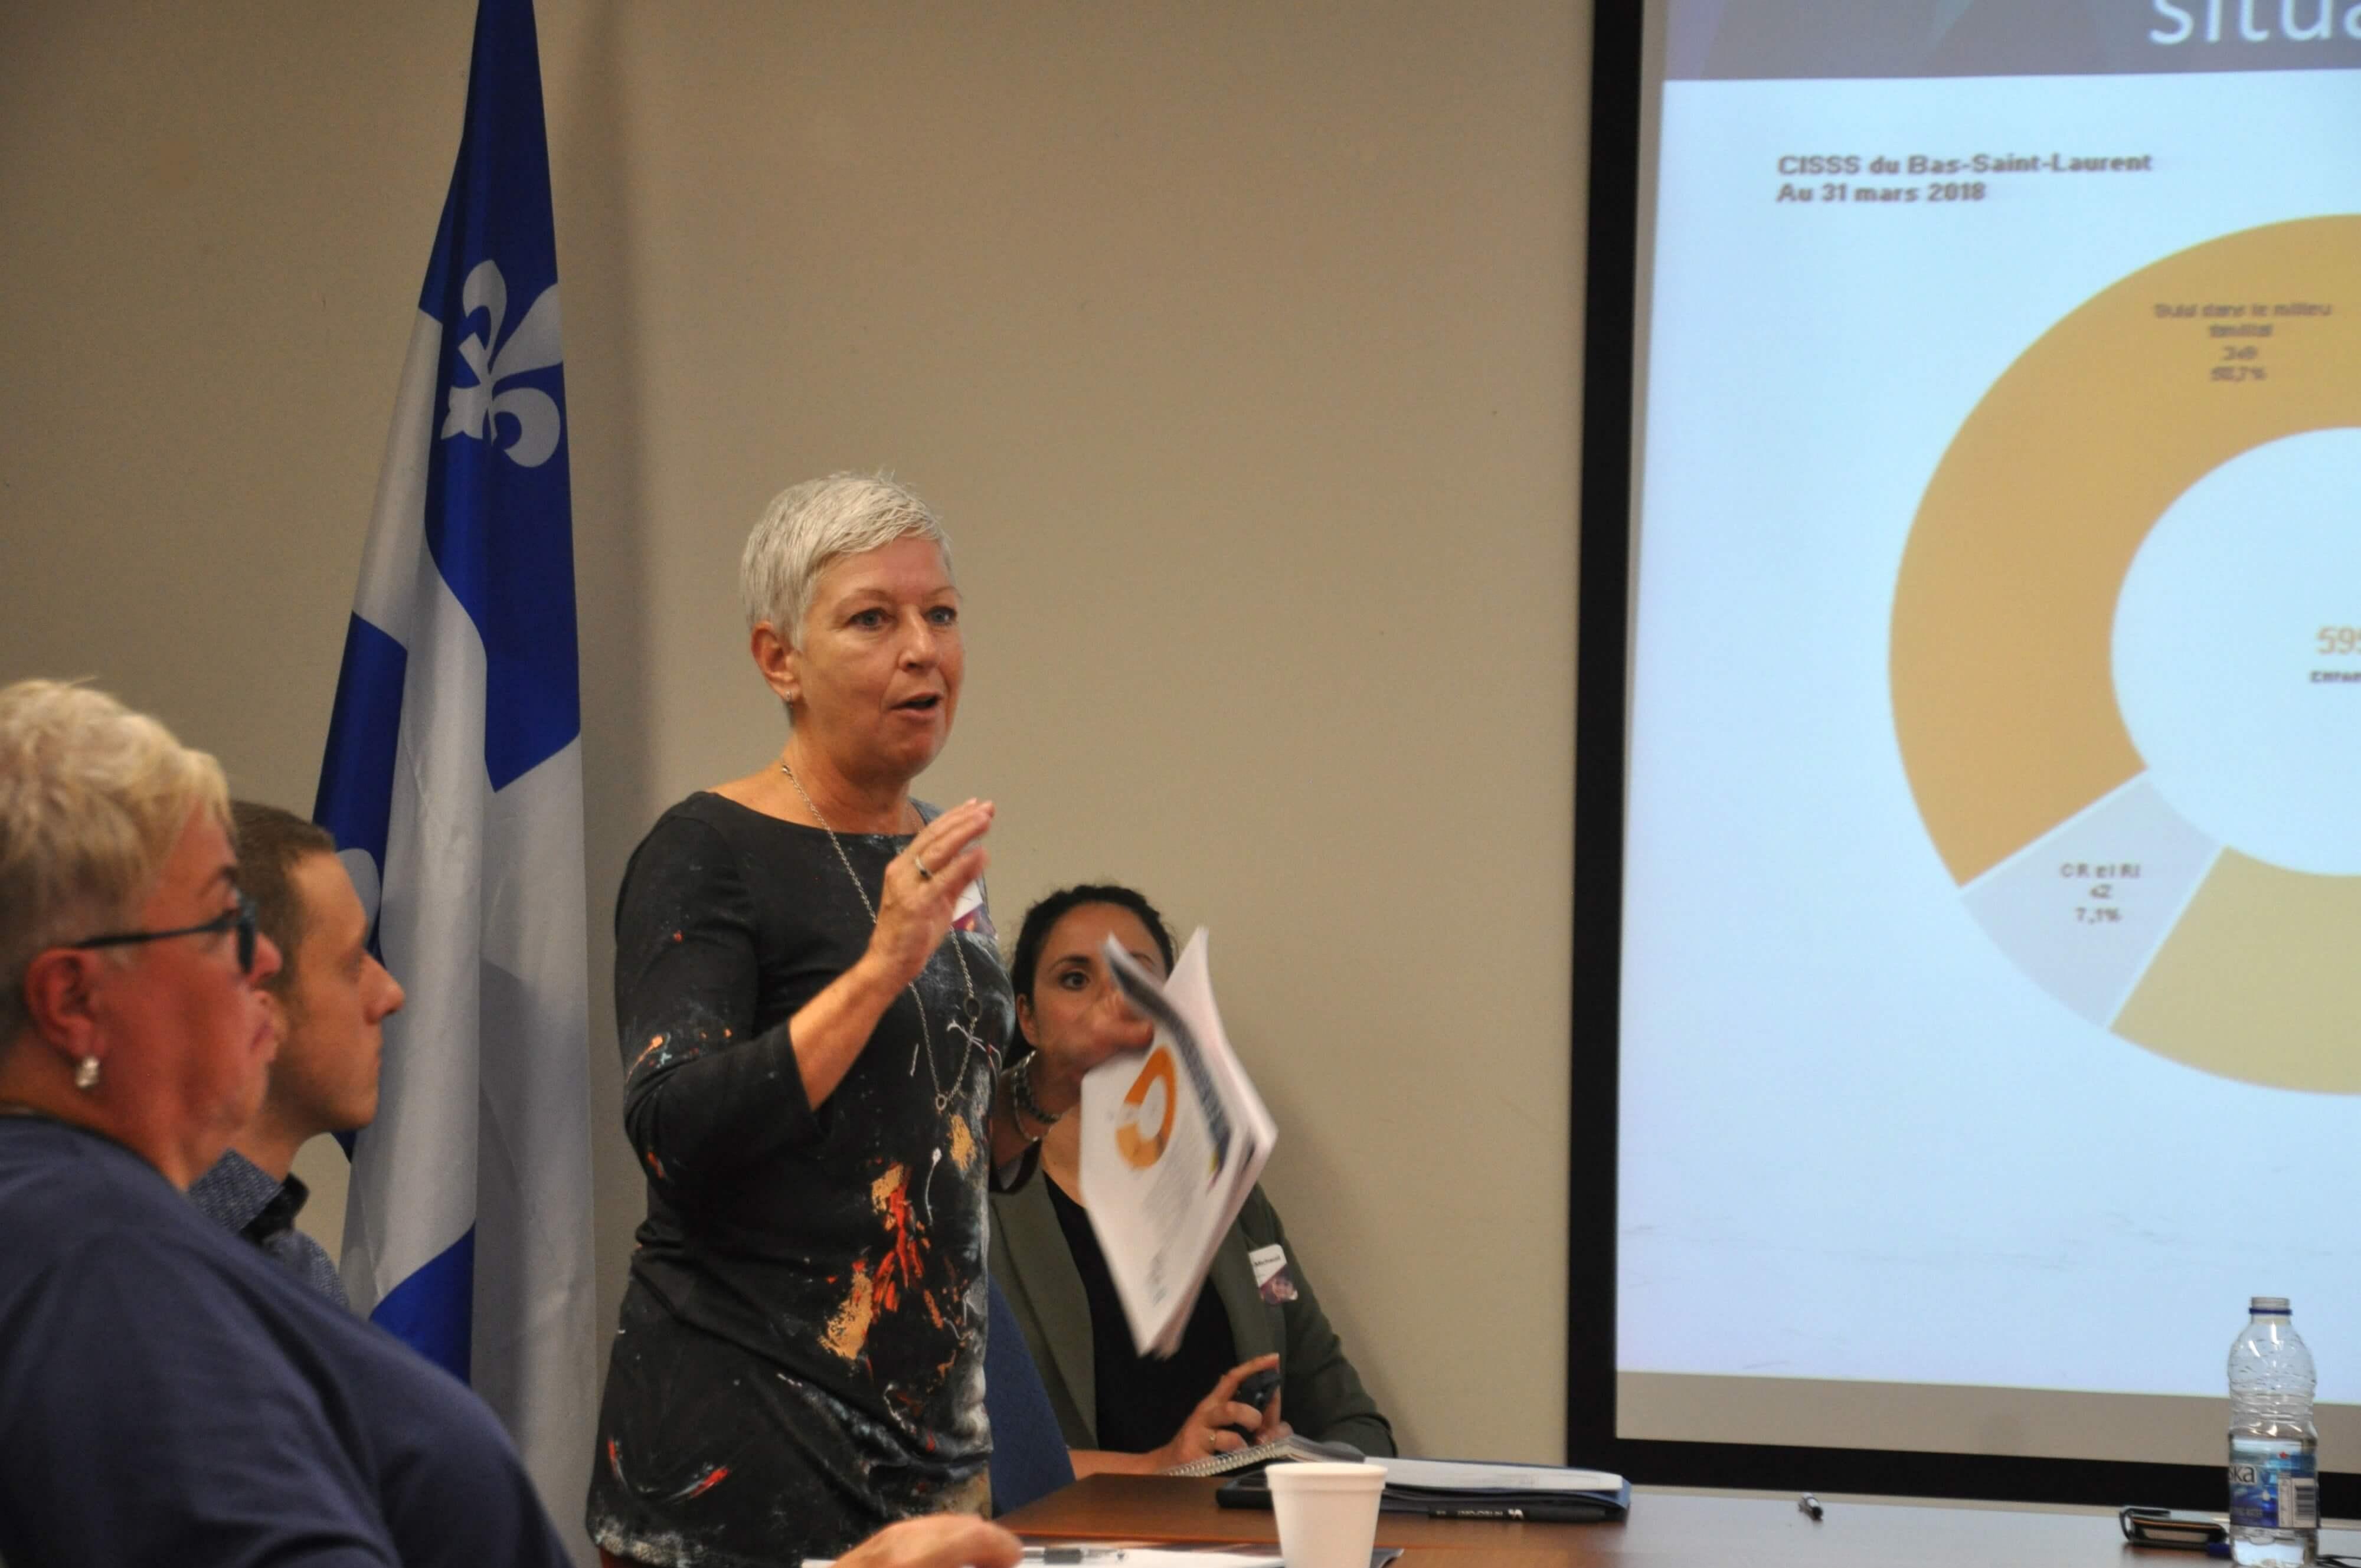 La directrice de la protection de la jeunesse par intérim du CISSS du Bas-Saint- Laurent.